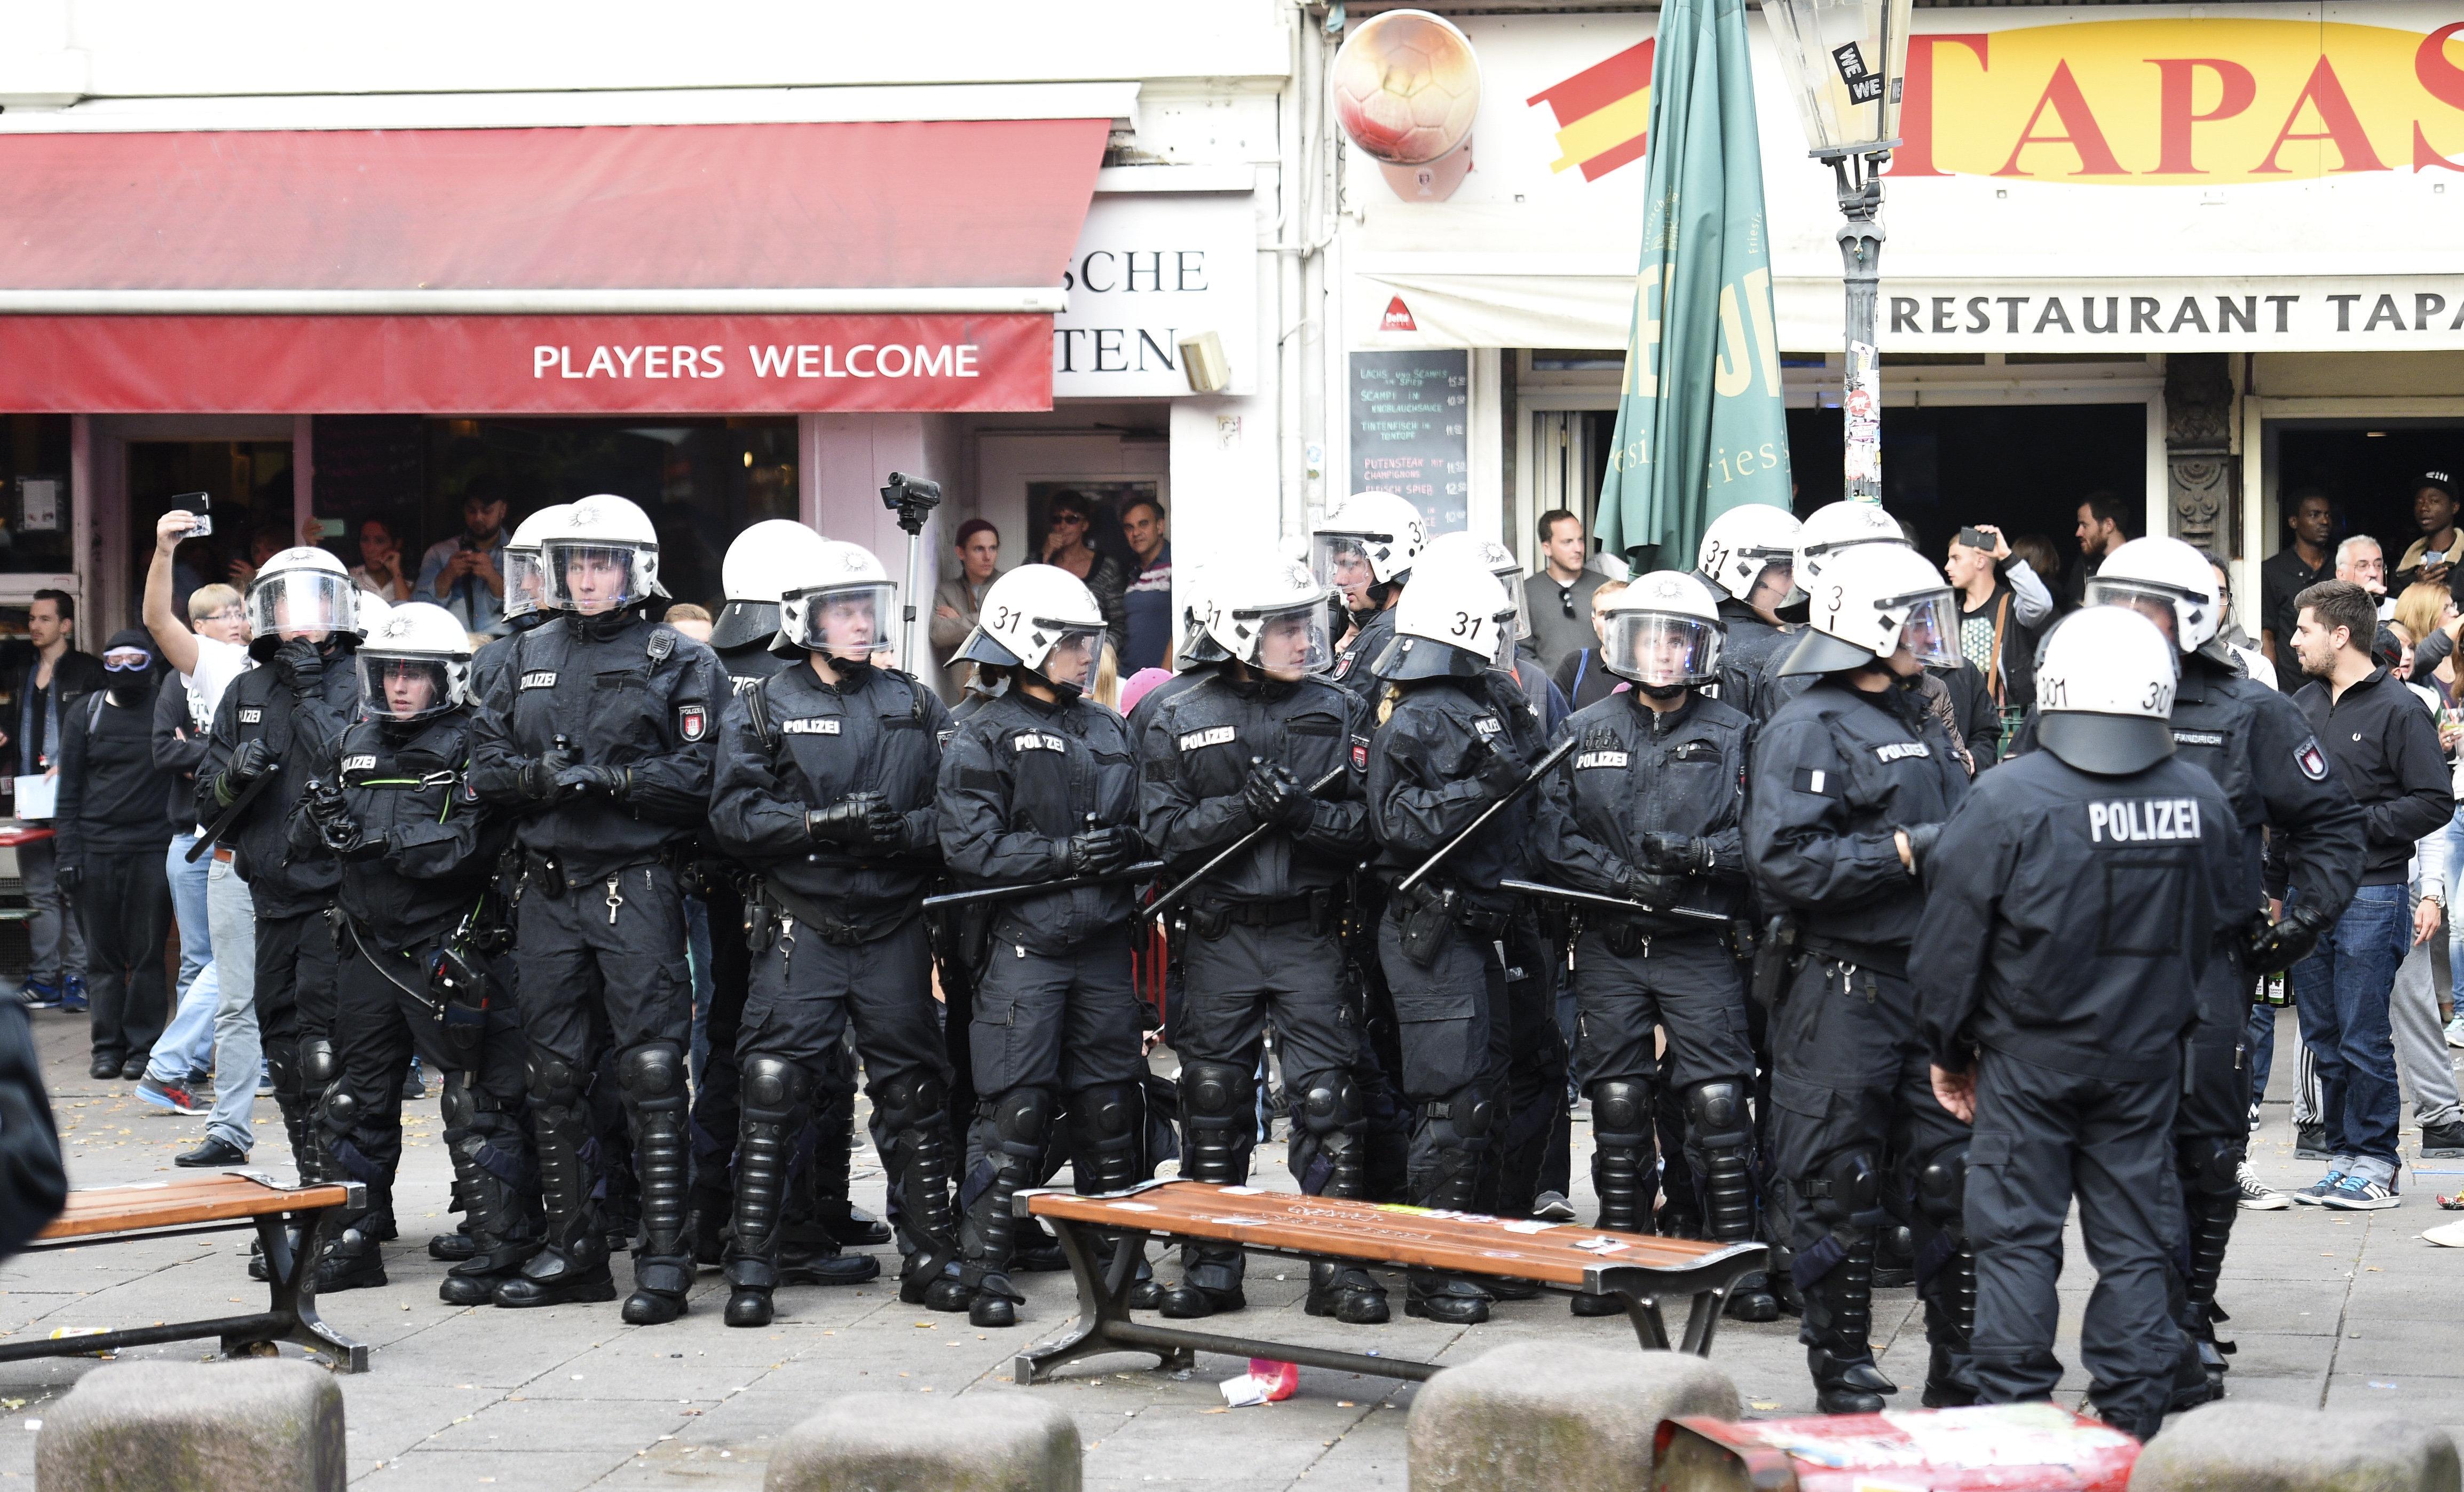 Βερολίνο: Τραυματισμός αστυνομικού στη διάρκεια συγκρούσεων νεοναζιστών με